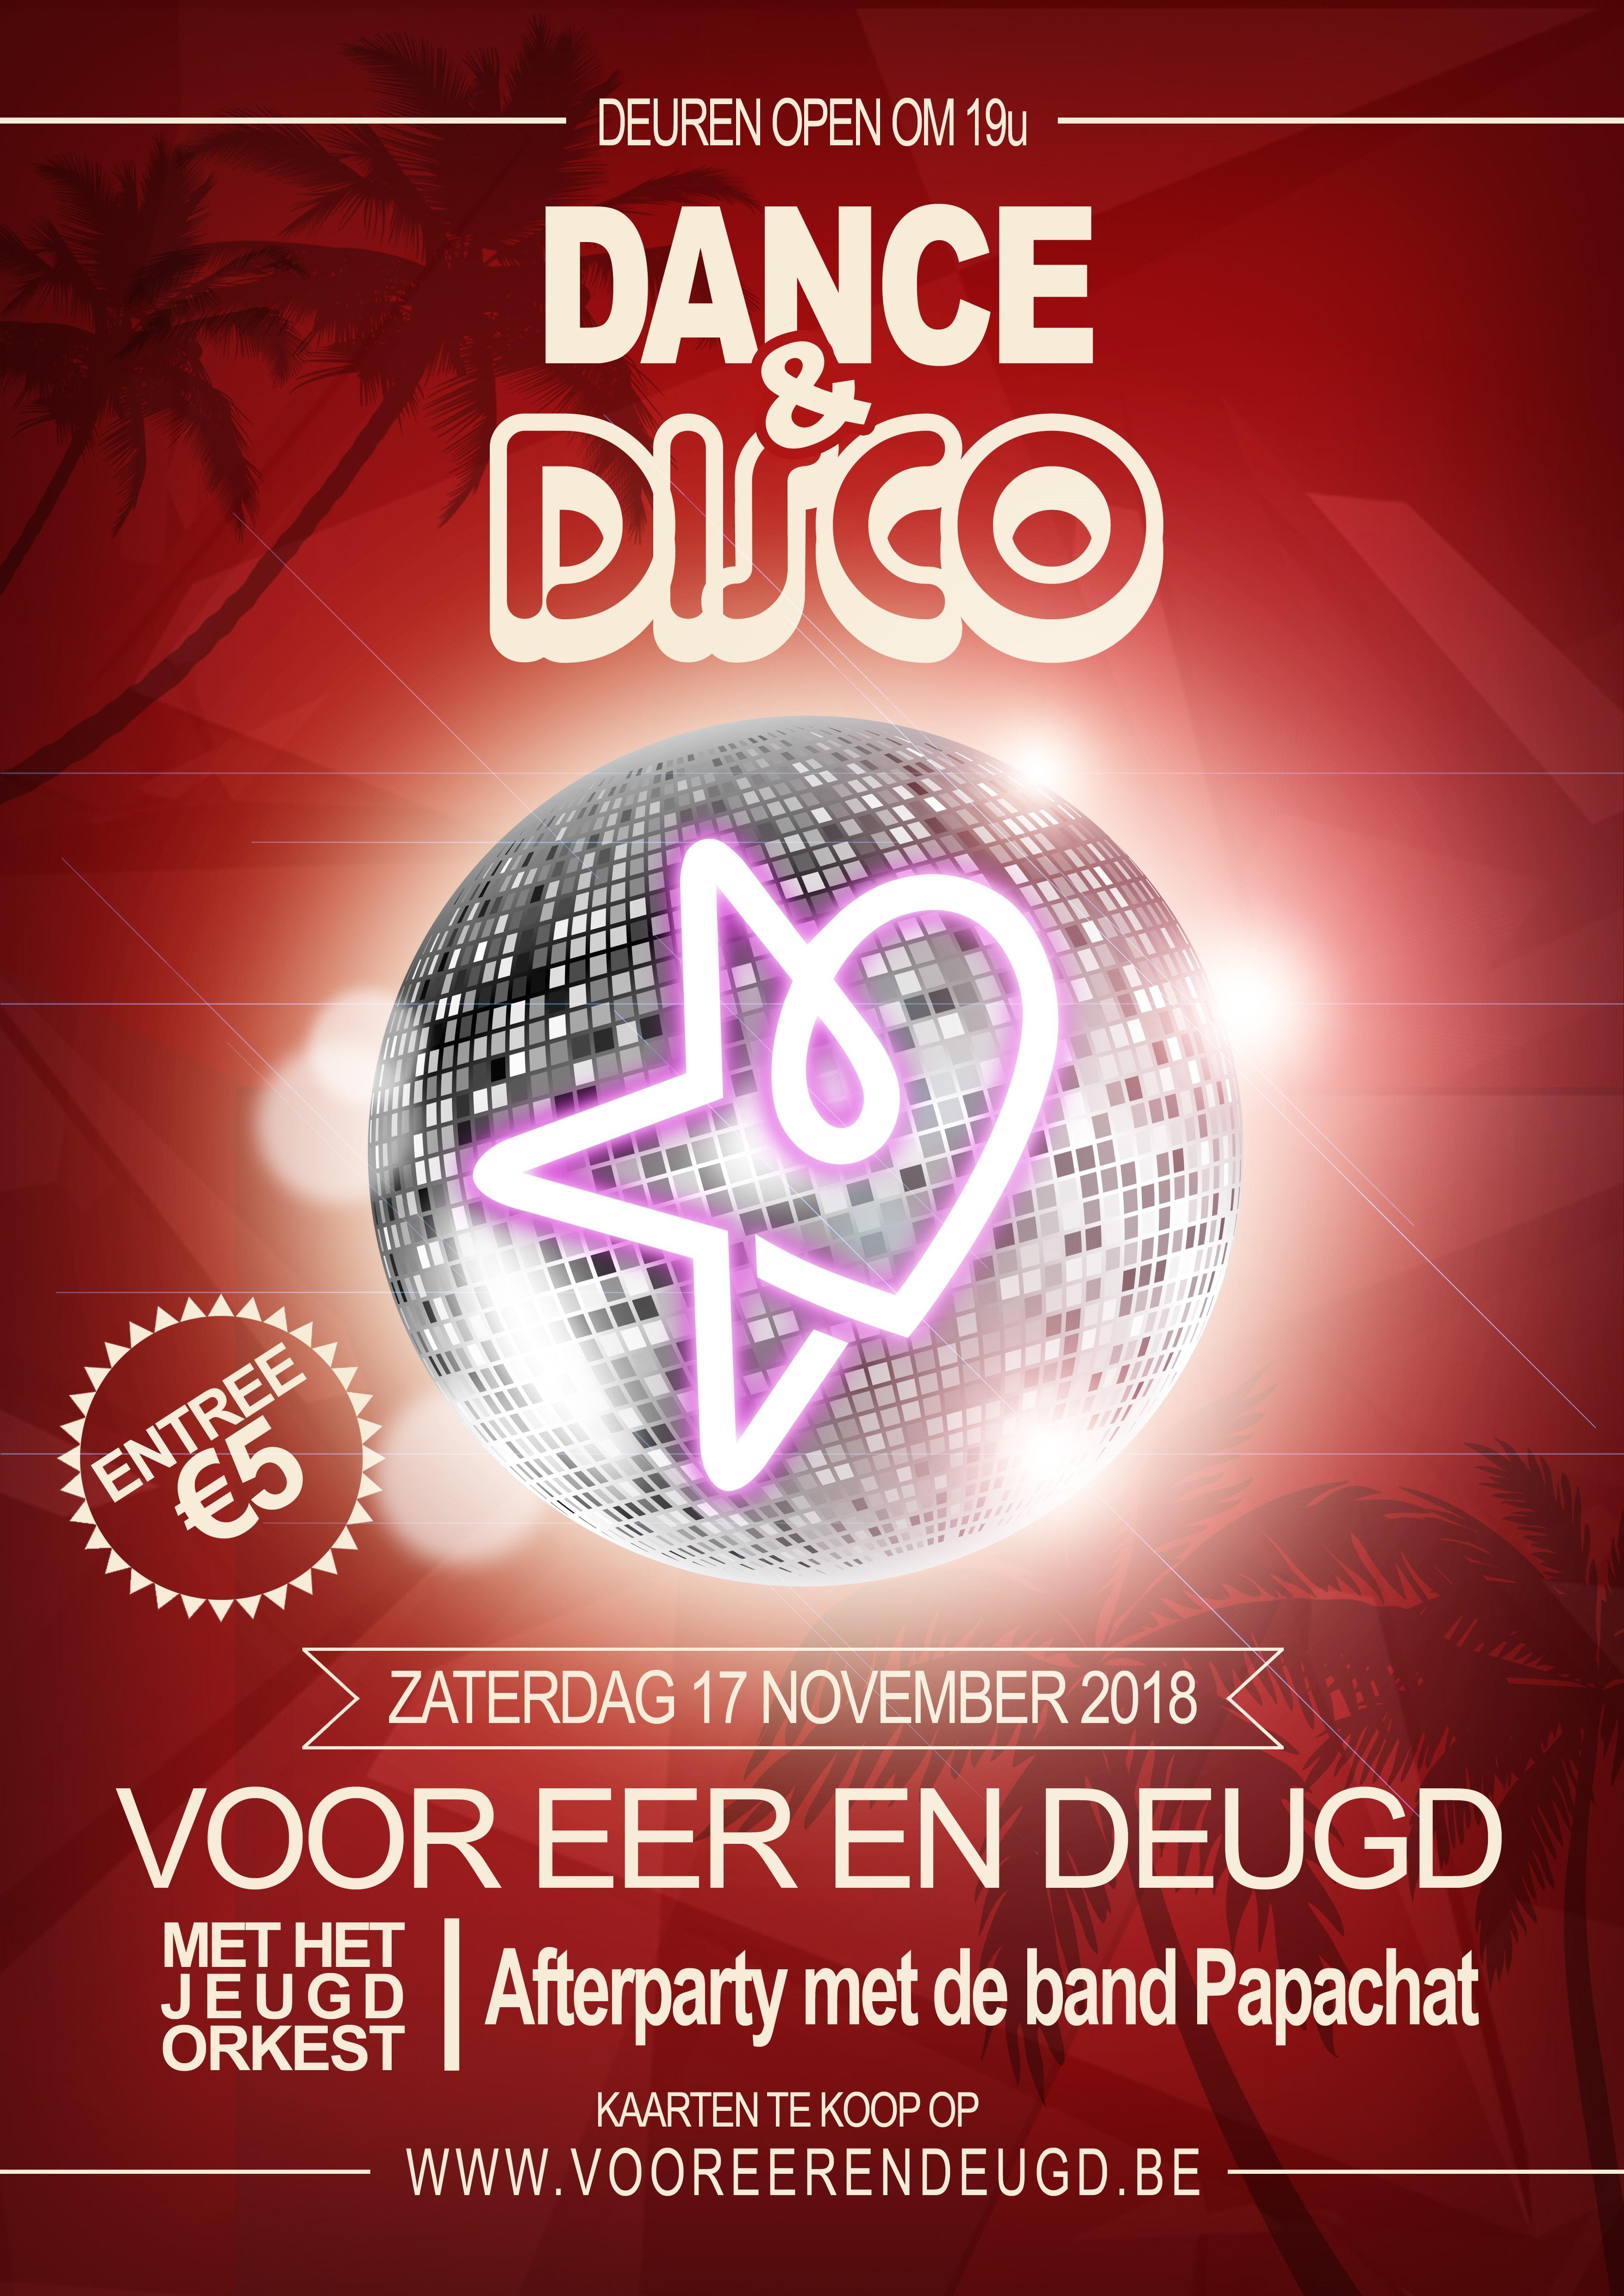 fanfare-voor-eer-en-deugd-goes-disco-and-dance